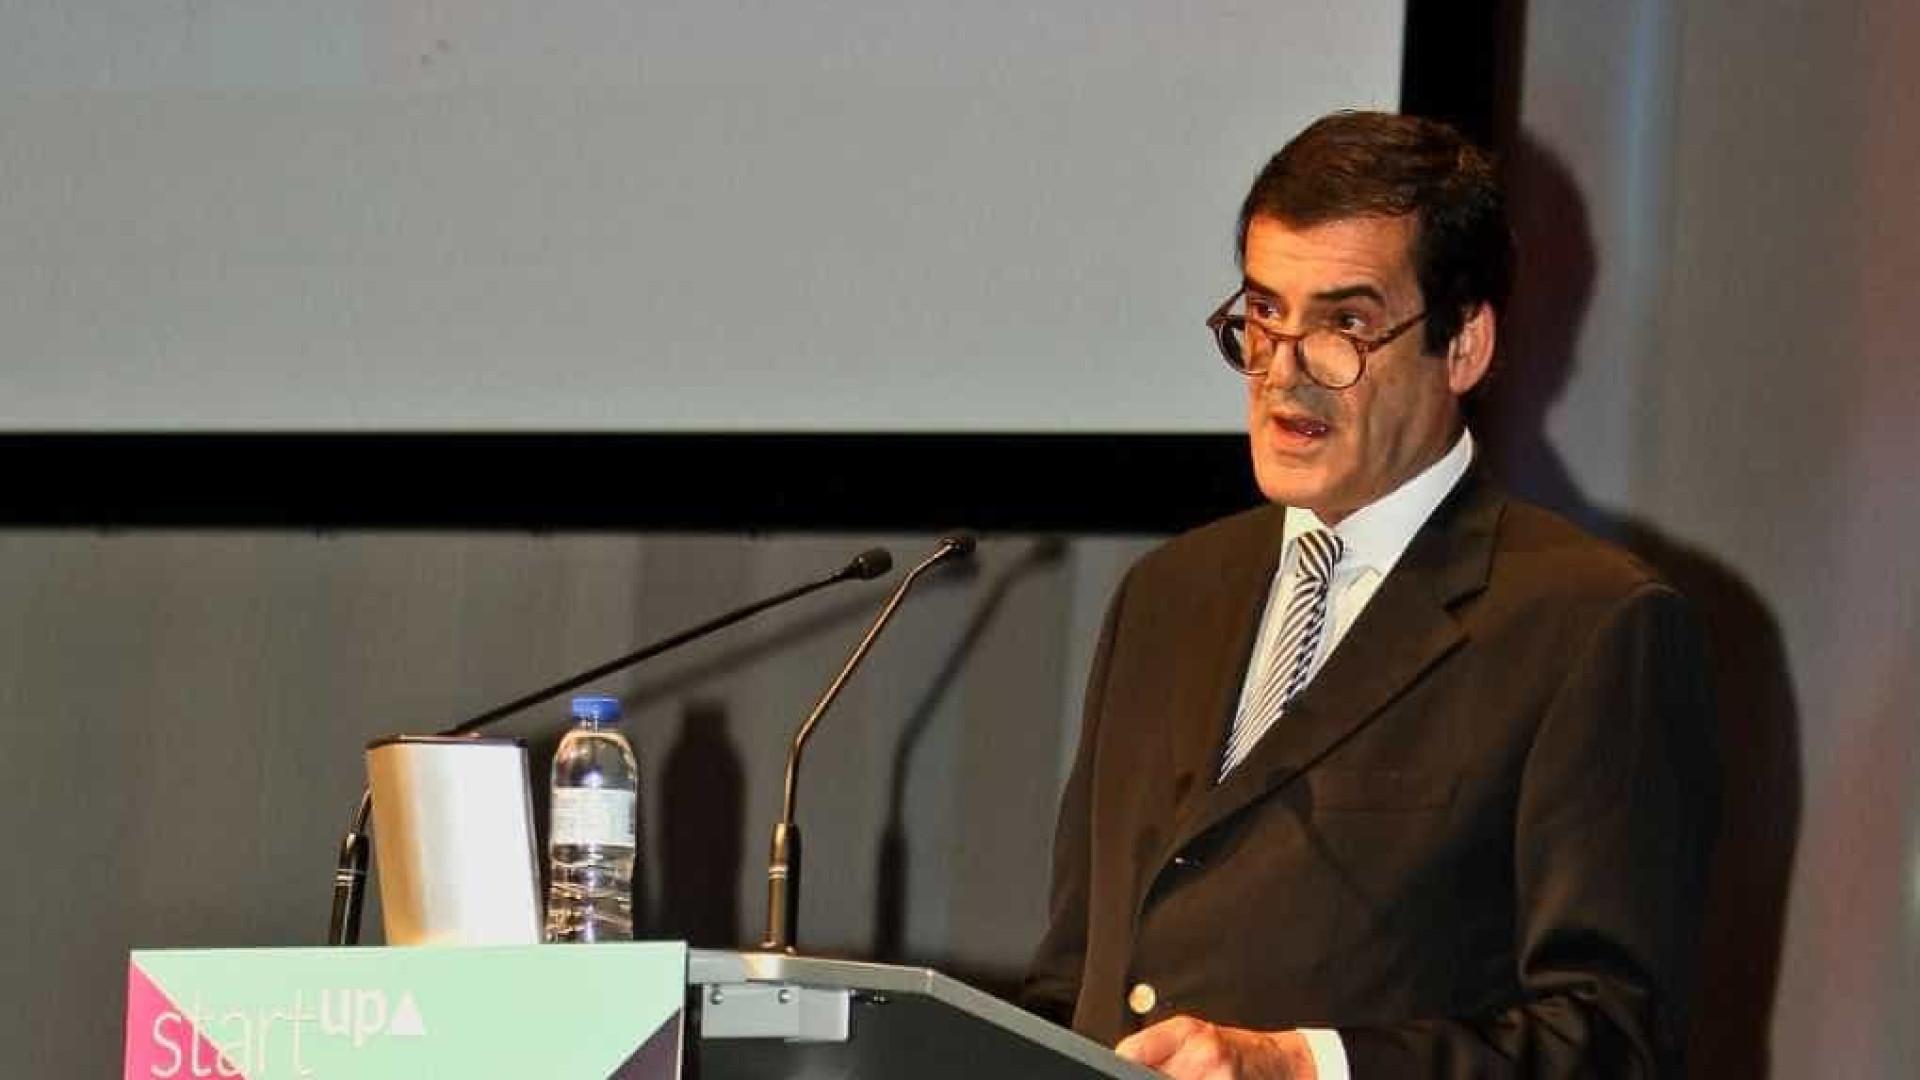 Teatro: Porto reforça investimento para programa internacional mais forte